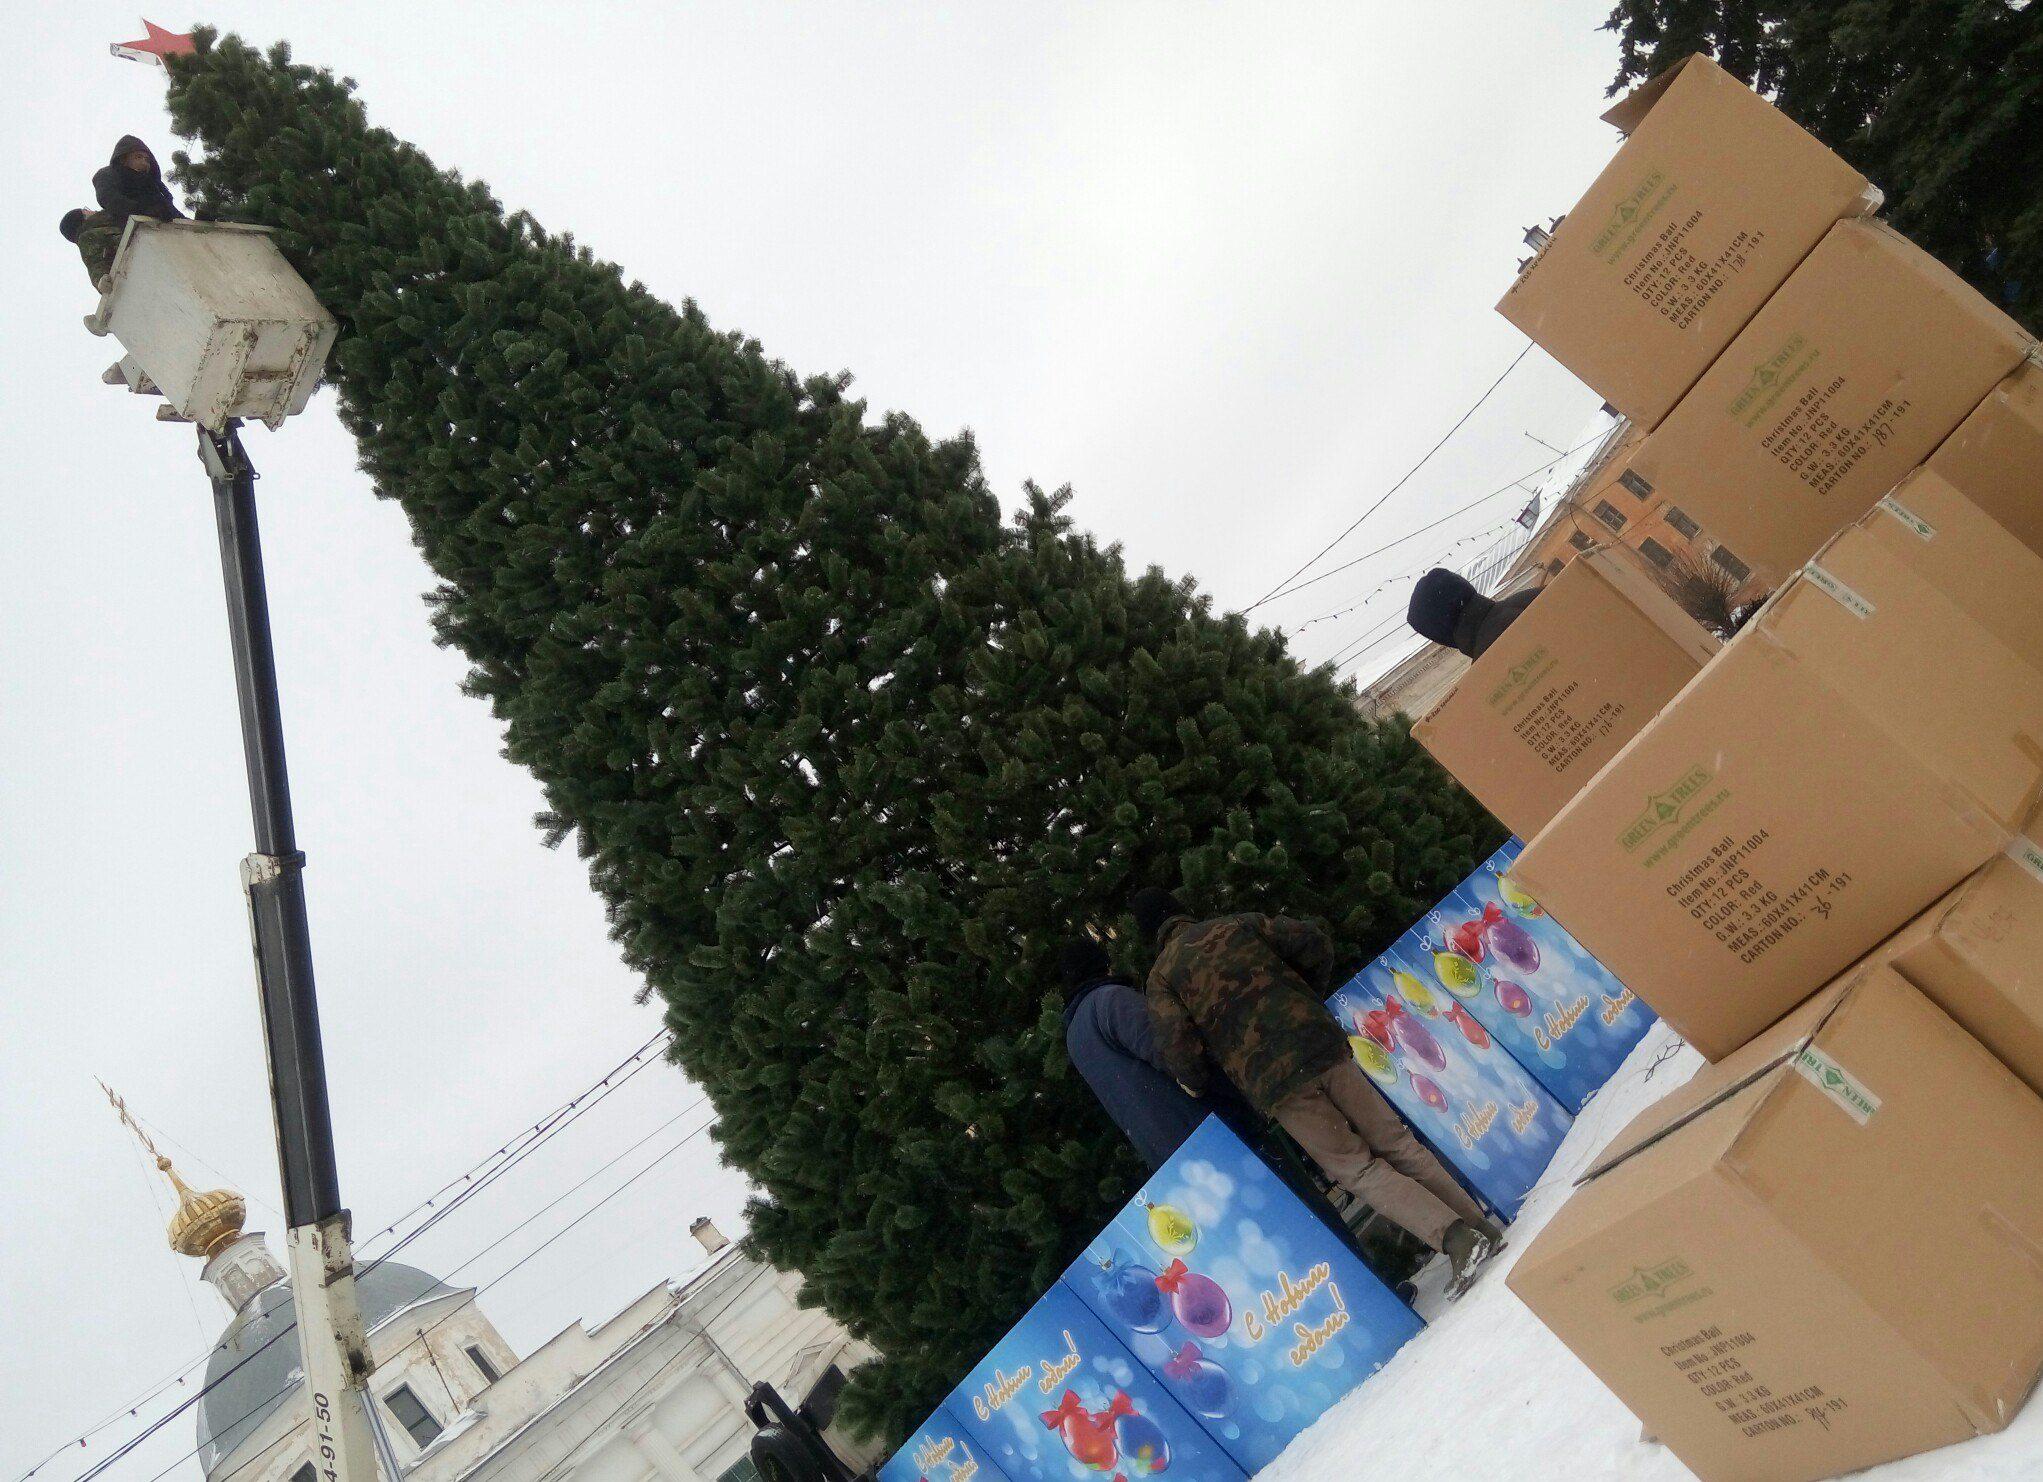 Новогодний контракт: в Твери ищут подрядчика на установку праздничных елей и Деда Мороза